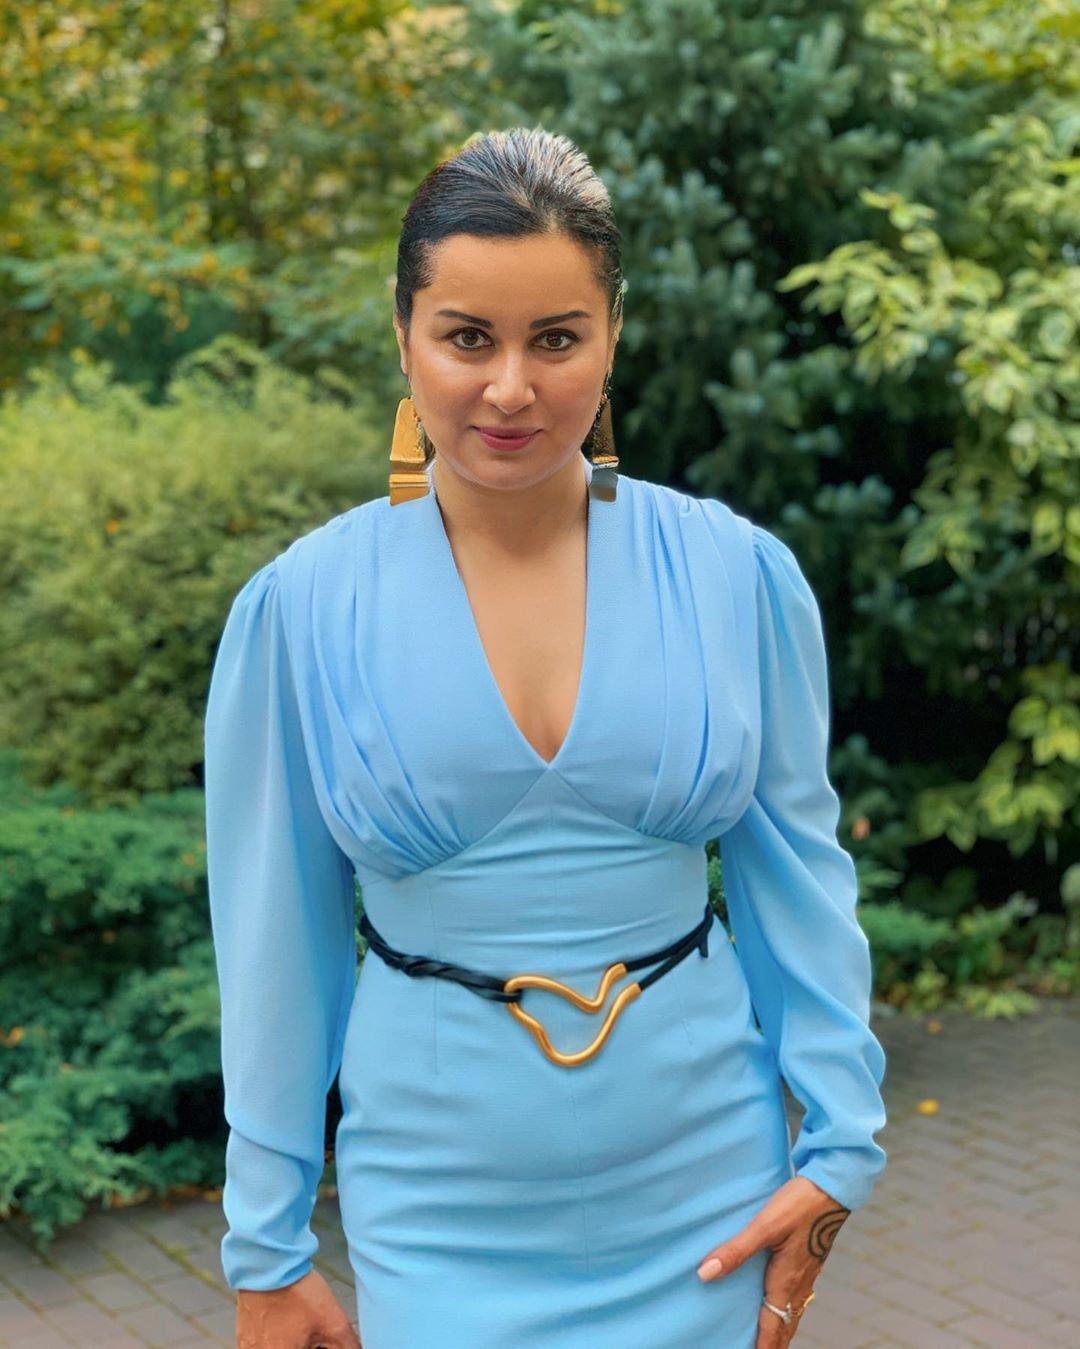 Тина Канделаки набрала лишний вес и просит совета у подписчиков